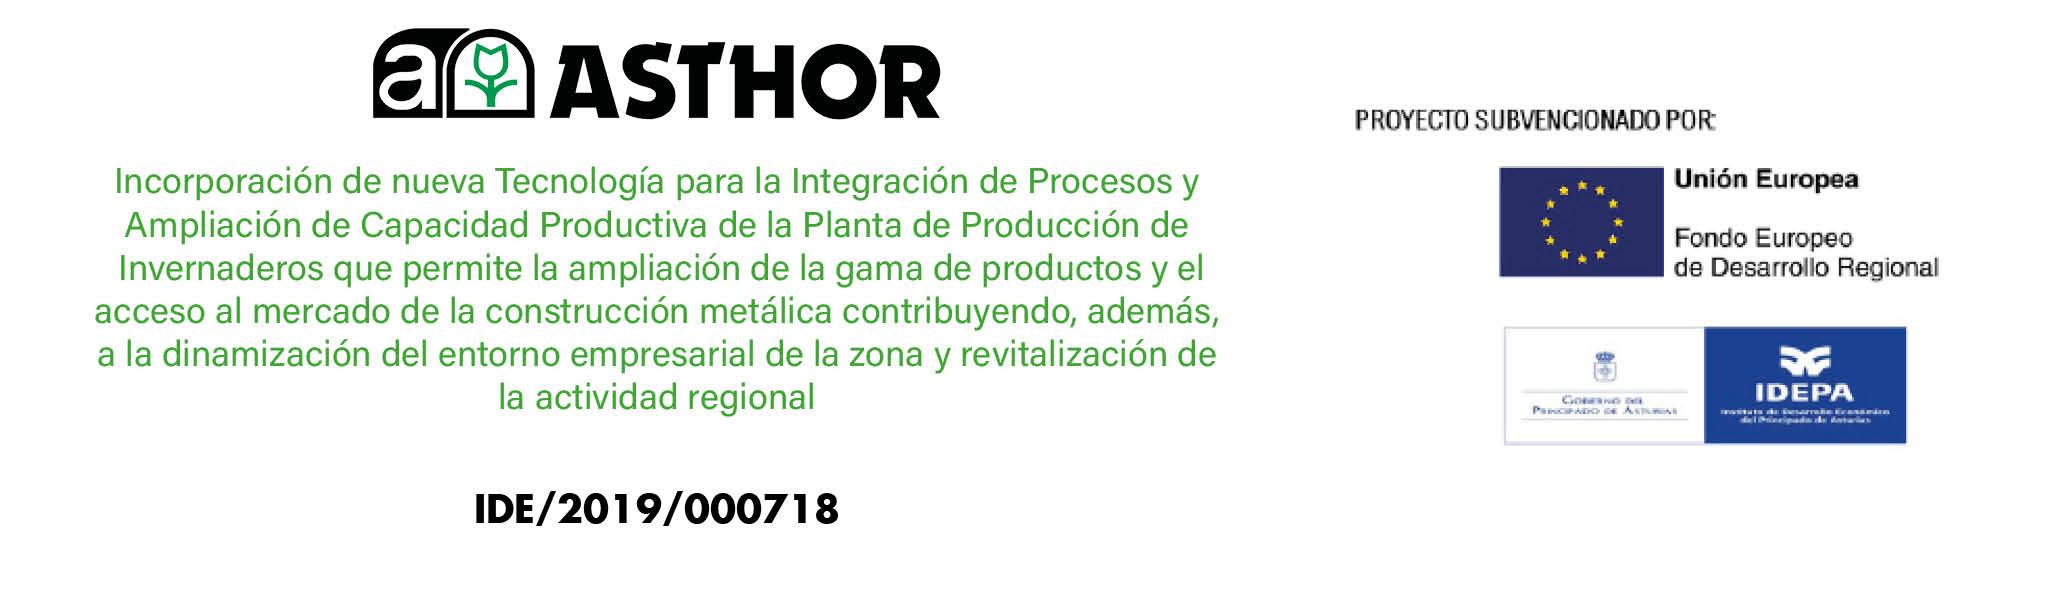 INCORPORACIÓN DE NUEVAS TECNOLOGIAS